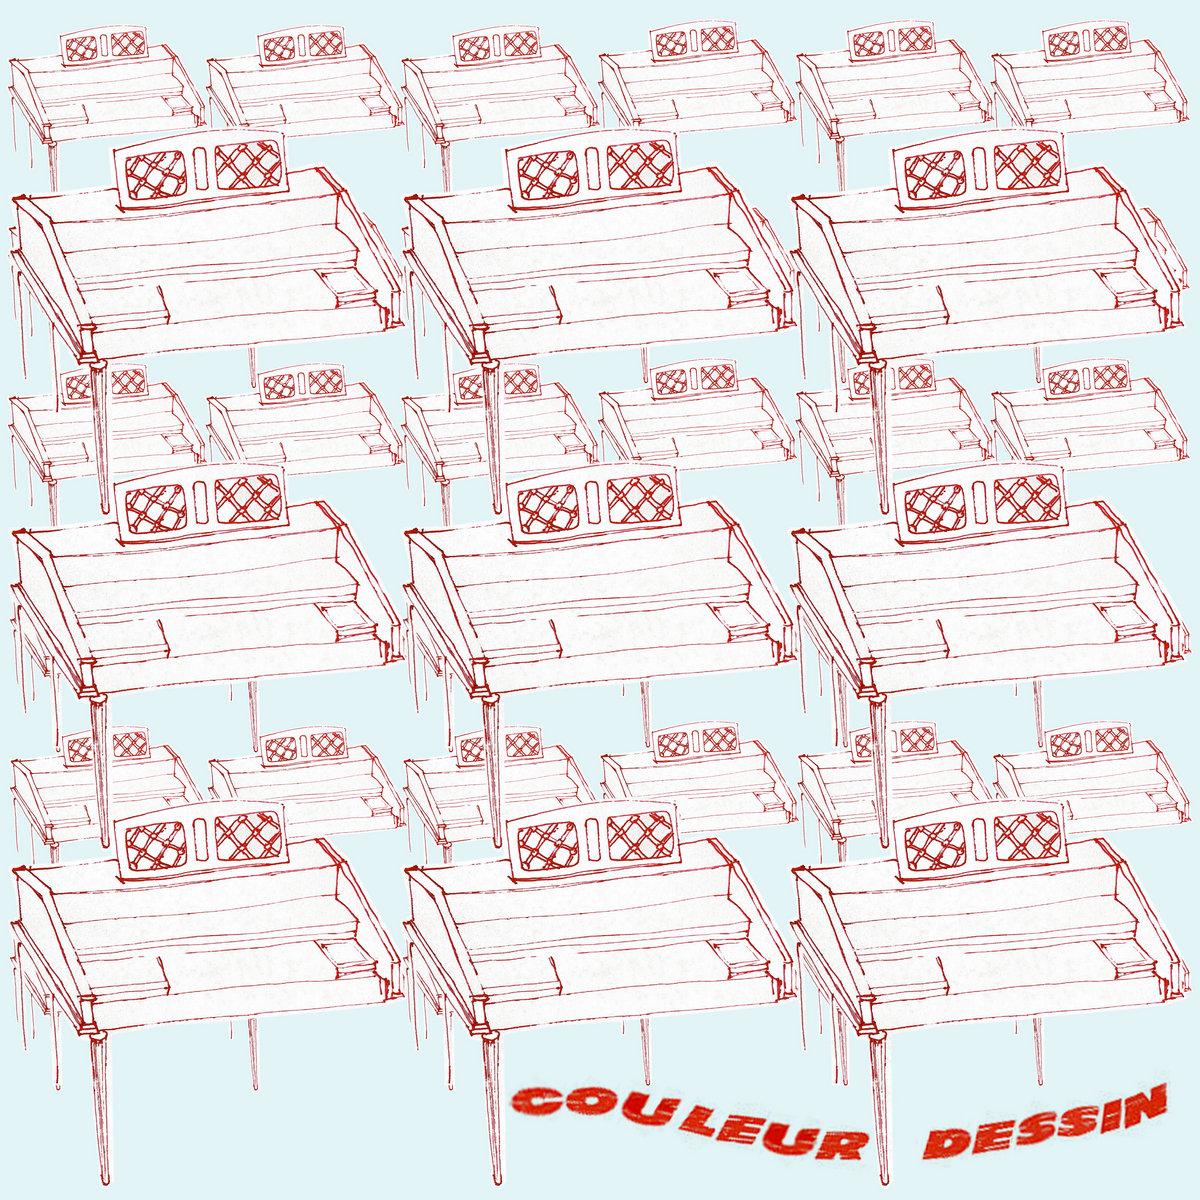 Couleur Dessin Fixture Records